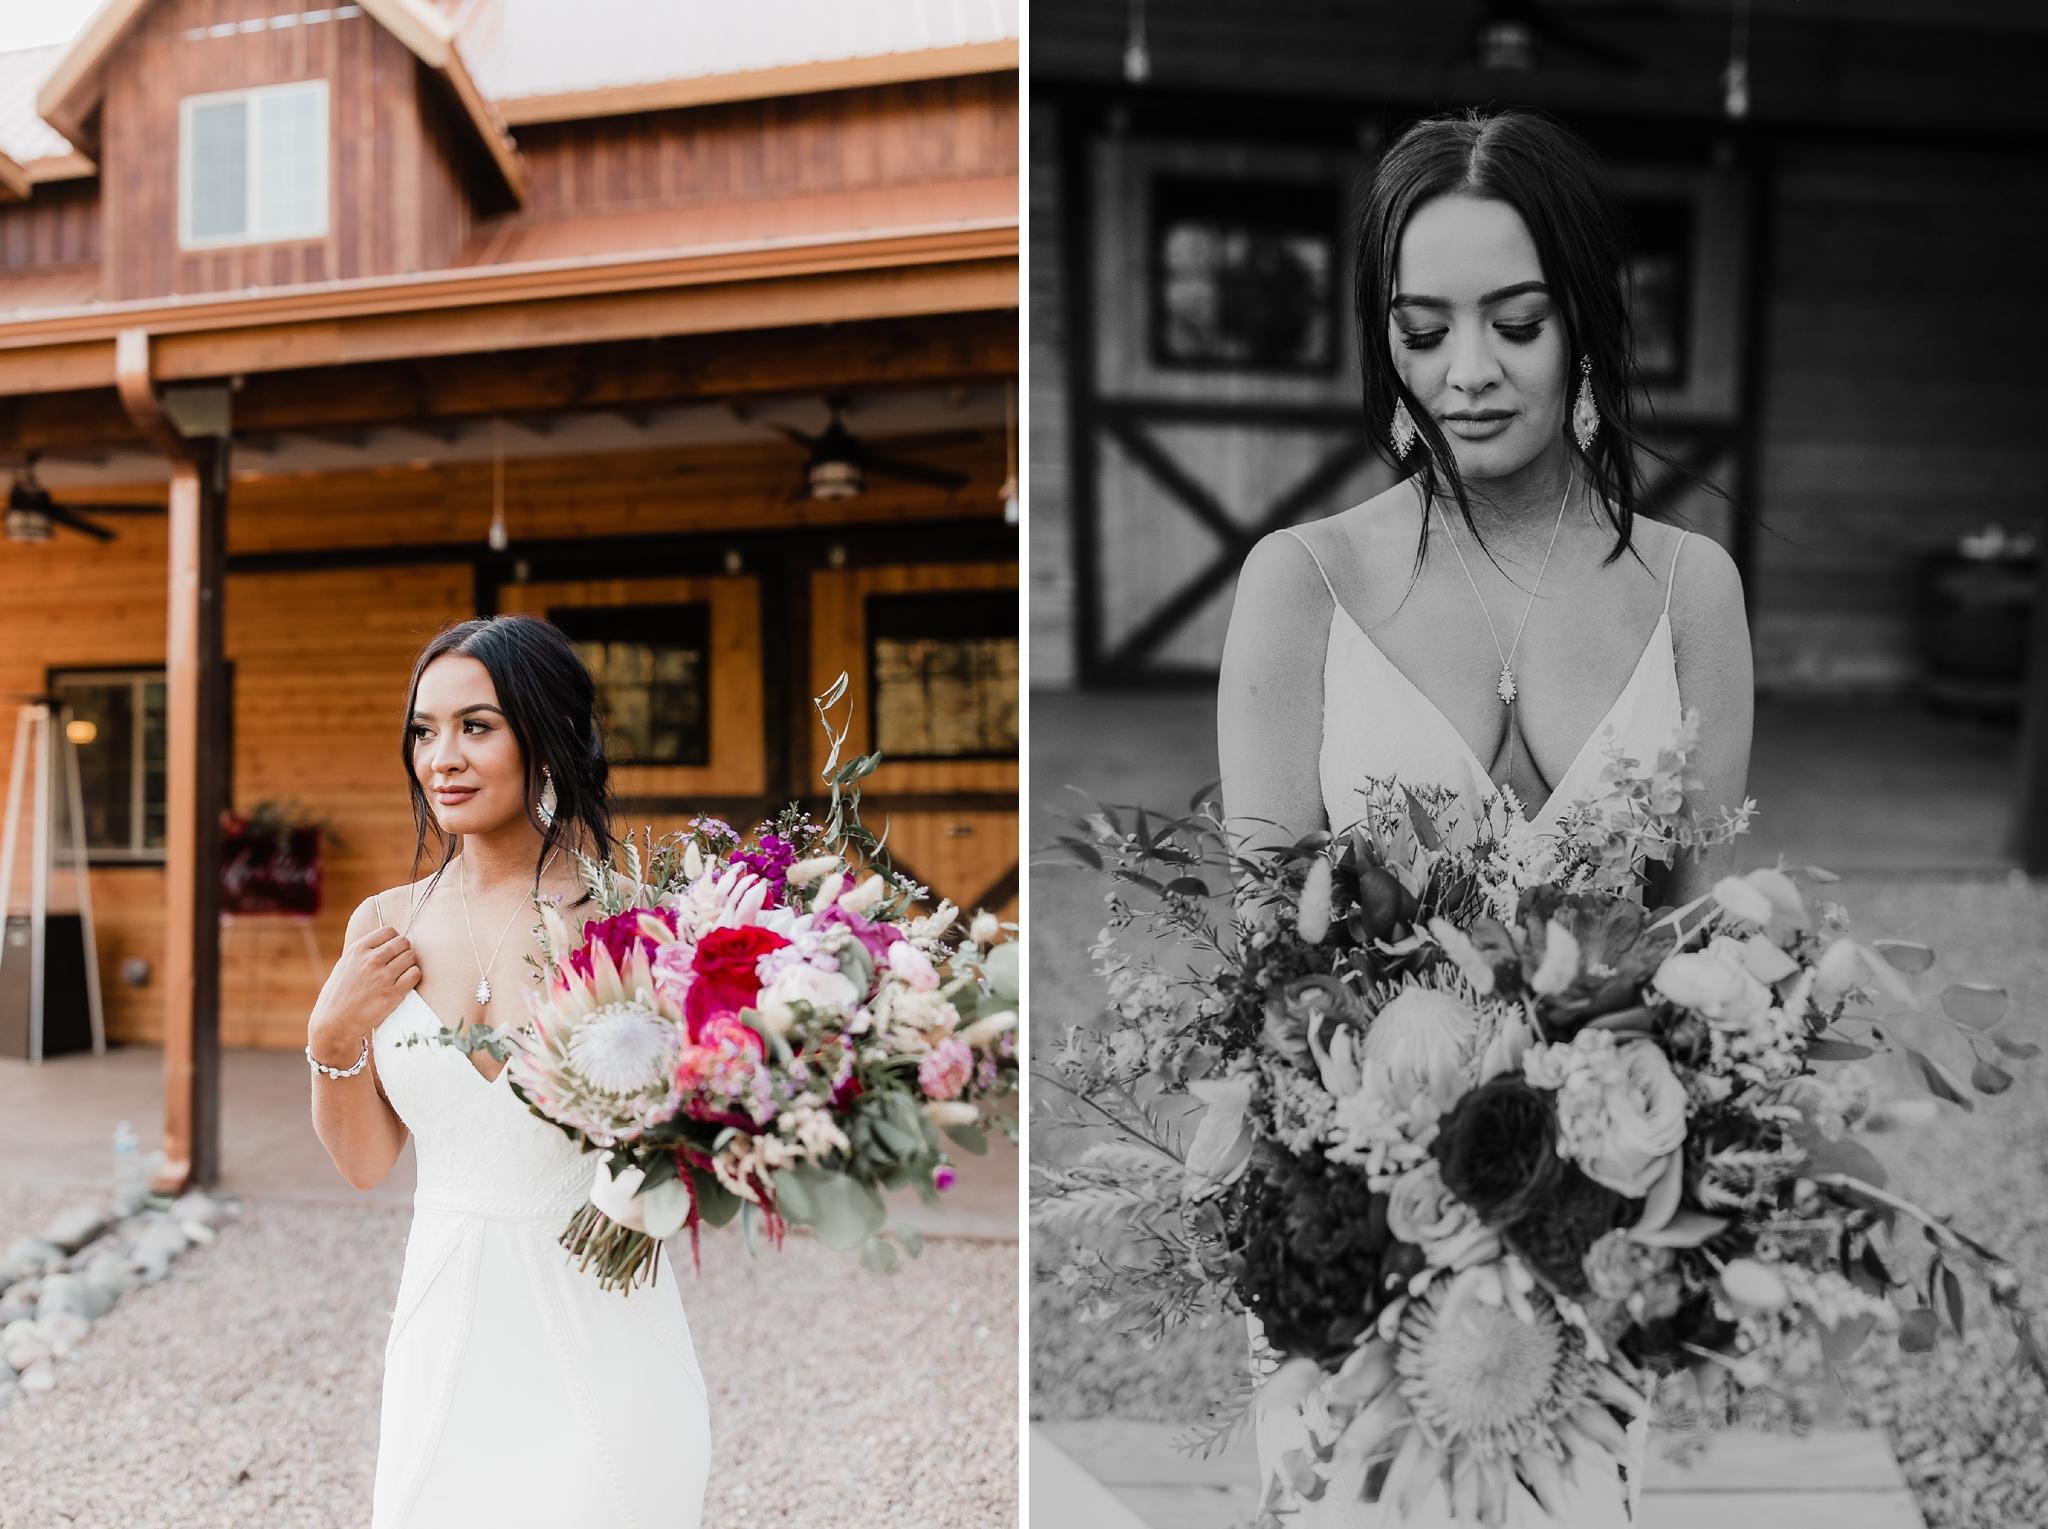 Alicia+lucia+photography+-+albuquerque+wedding+photographer+-+santa+fe+wedding+photography+-+new+mexico+wedding+photographer+-+new+mexico+wedding+-+new+mexico+wedding+-+barn+wedding+-+enchanted+vine+barn+wedding+-+ruidoso+wedding_0136.jpg